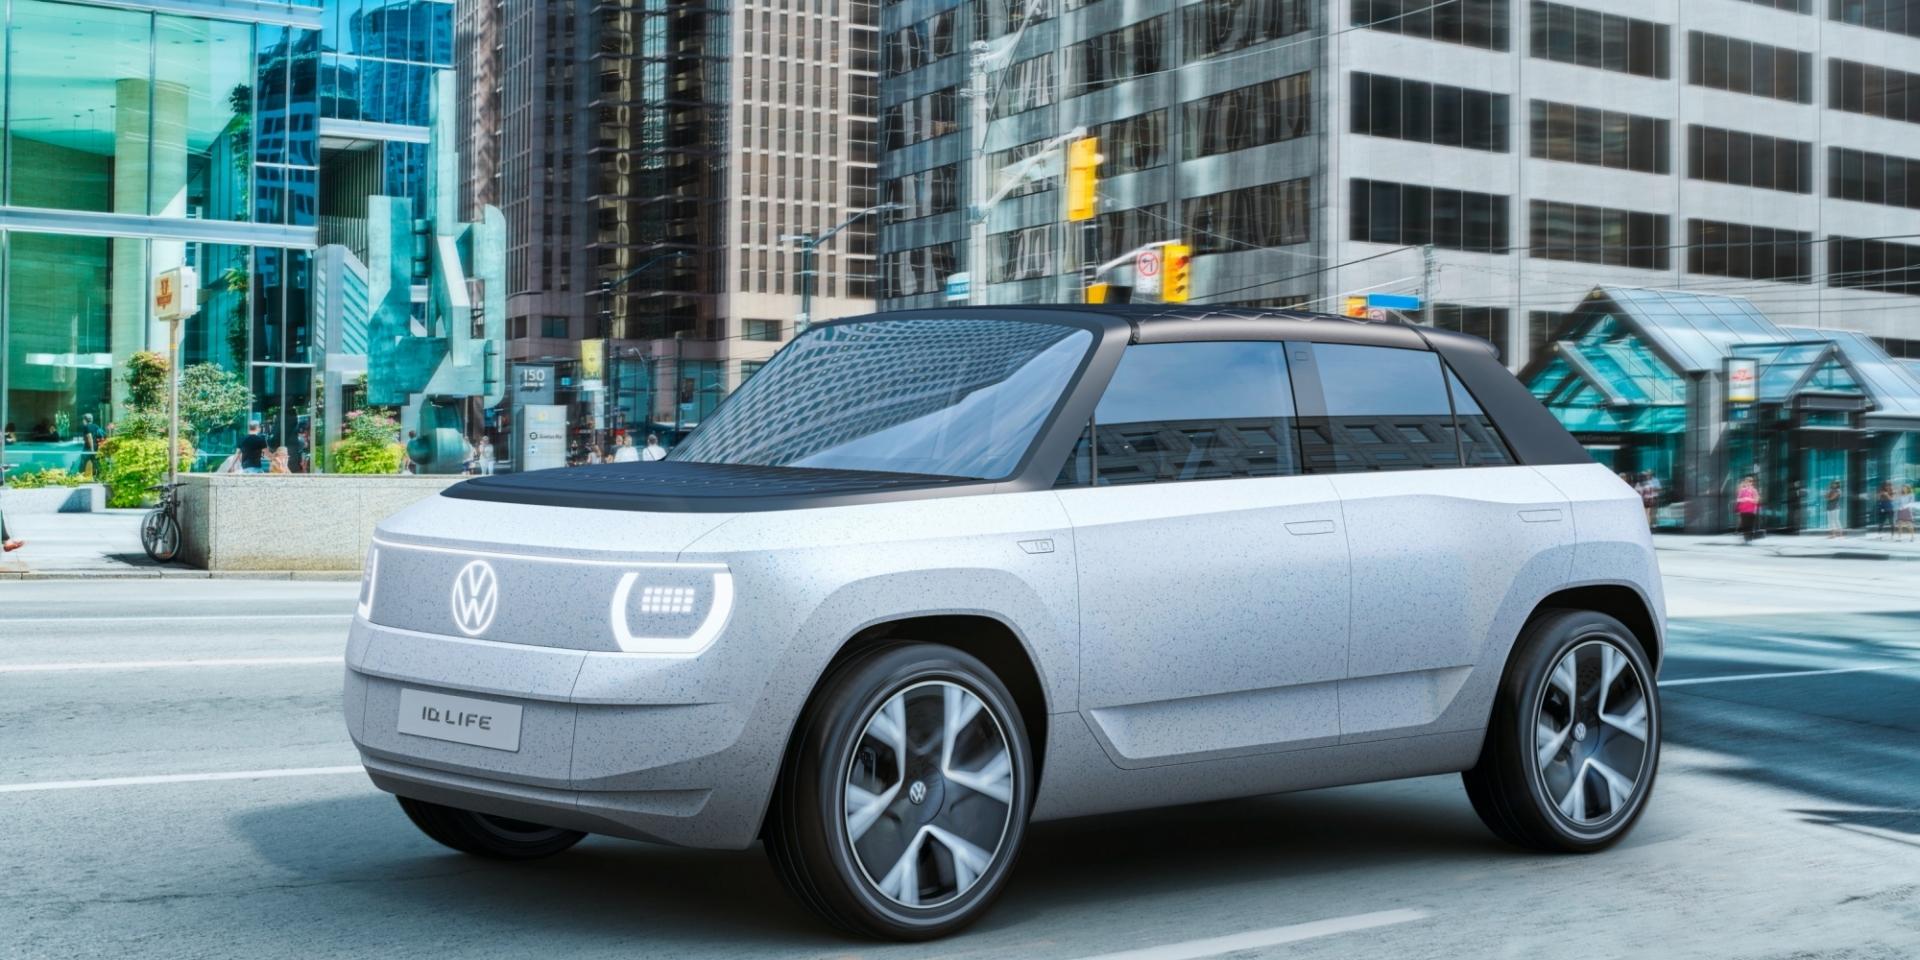 售價比ID.3還要親民!VW ID. Life概念車可能只賣66萬元台幣